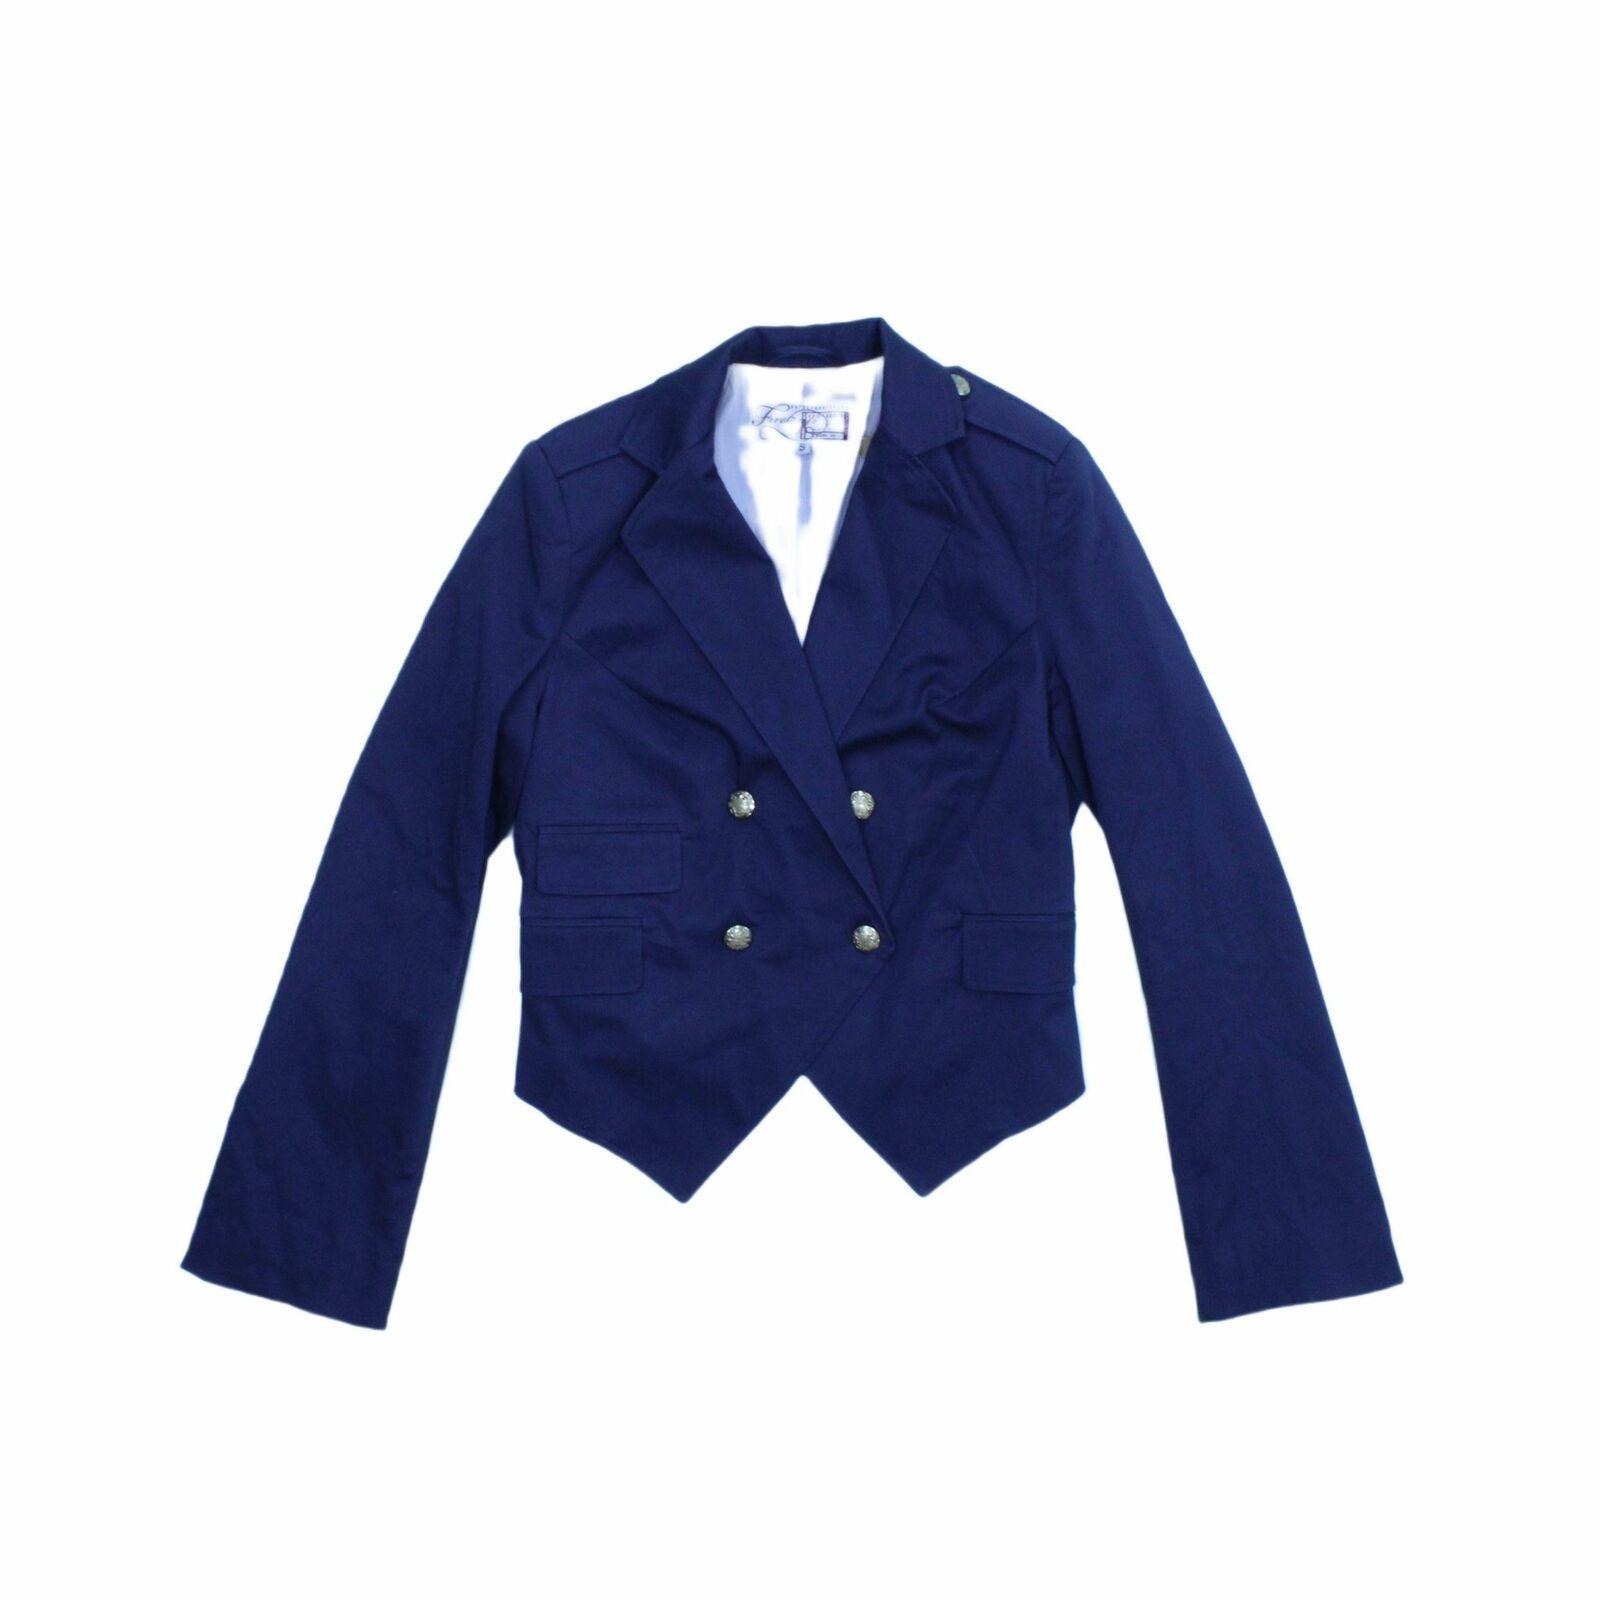 Firetrap Women's Jacket S Colour: Blue